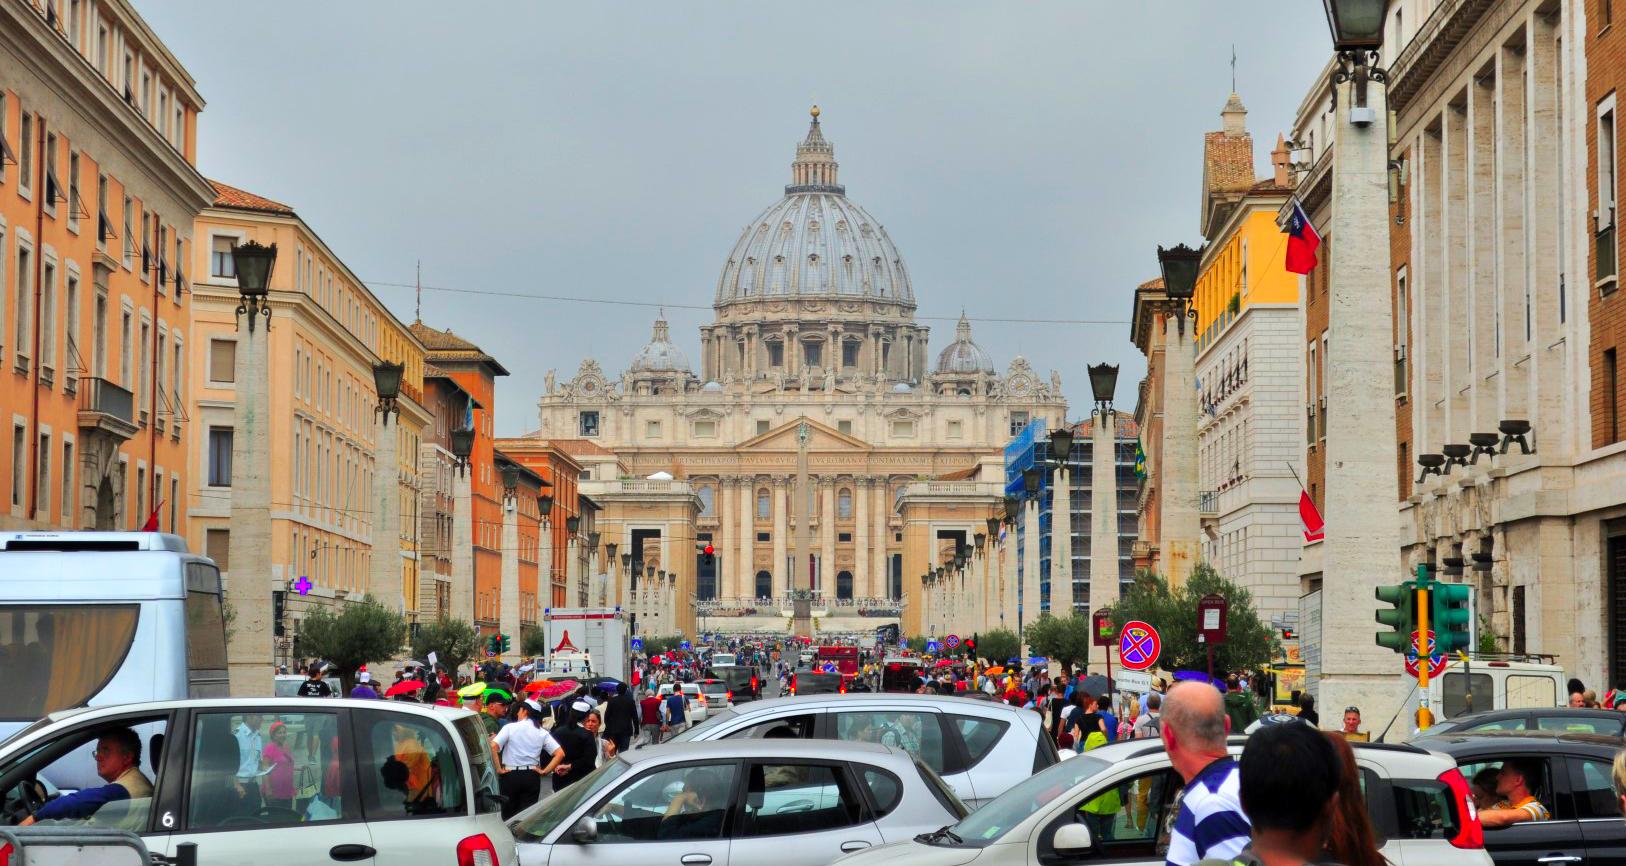 Cosas que ver gratis en Roma, Italia roma - 29916136106 efb28710f7 o - 21+1 Cosas que NO hacer en Roma, Italia